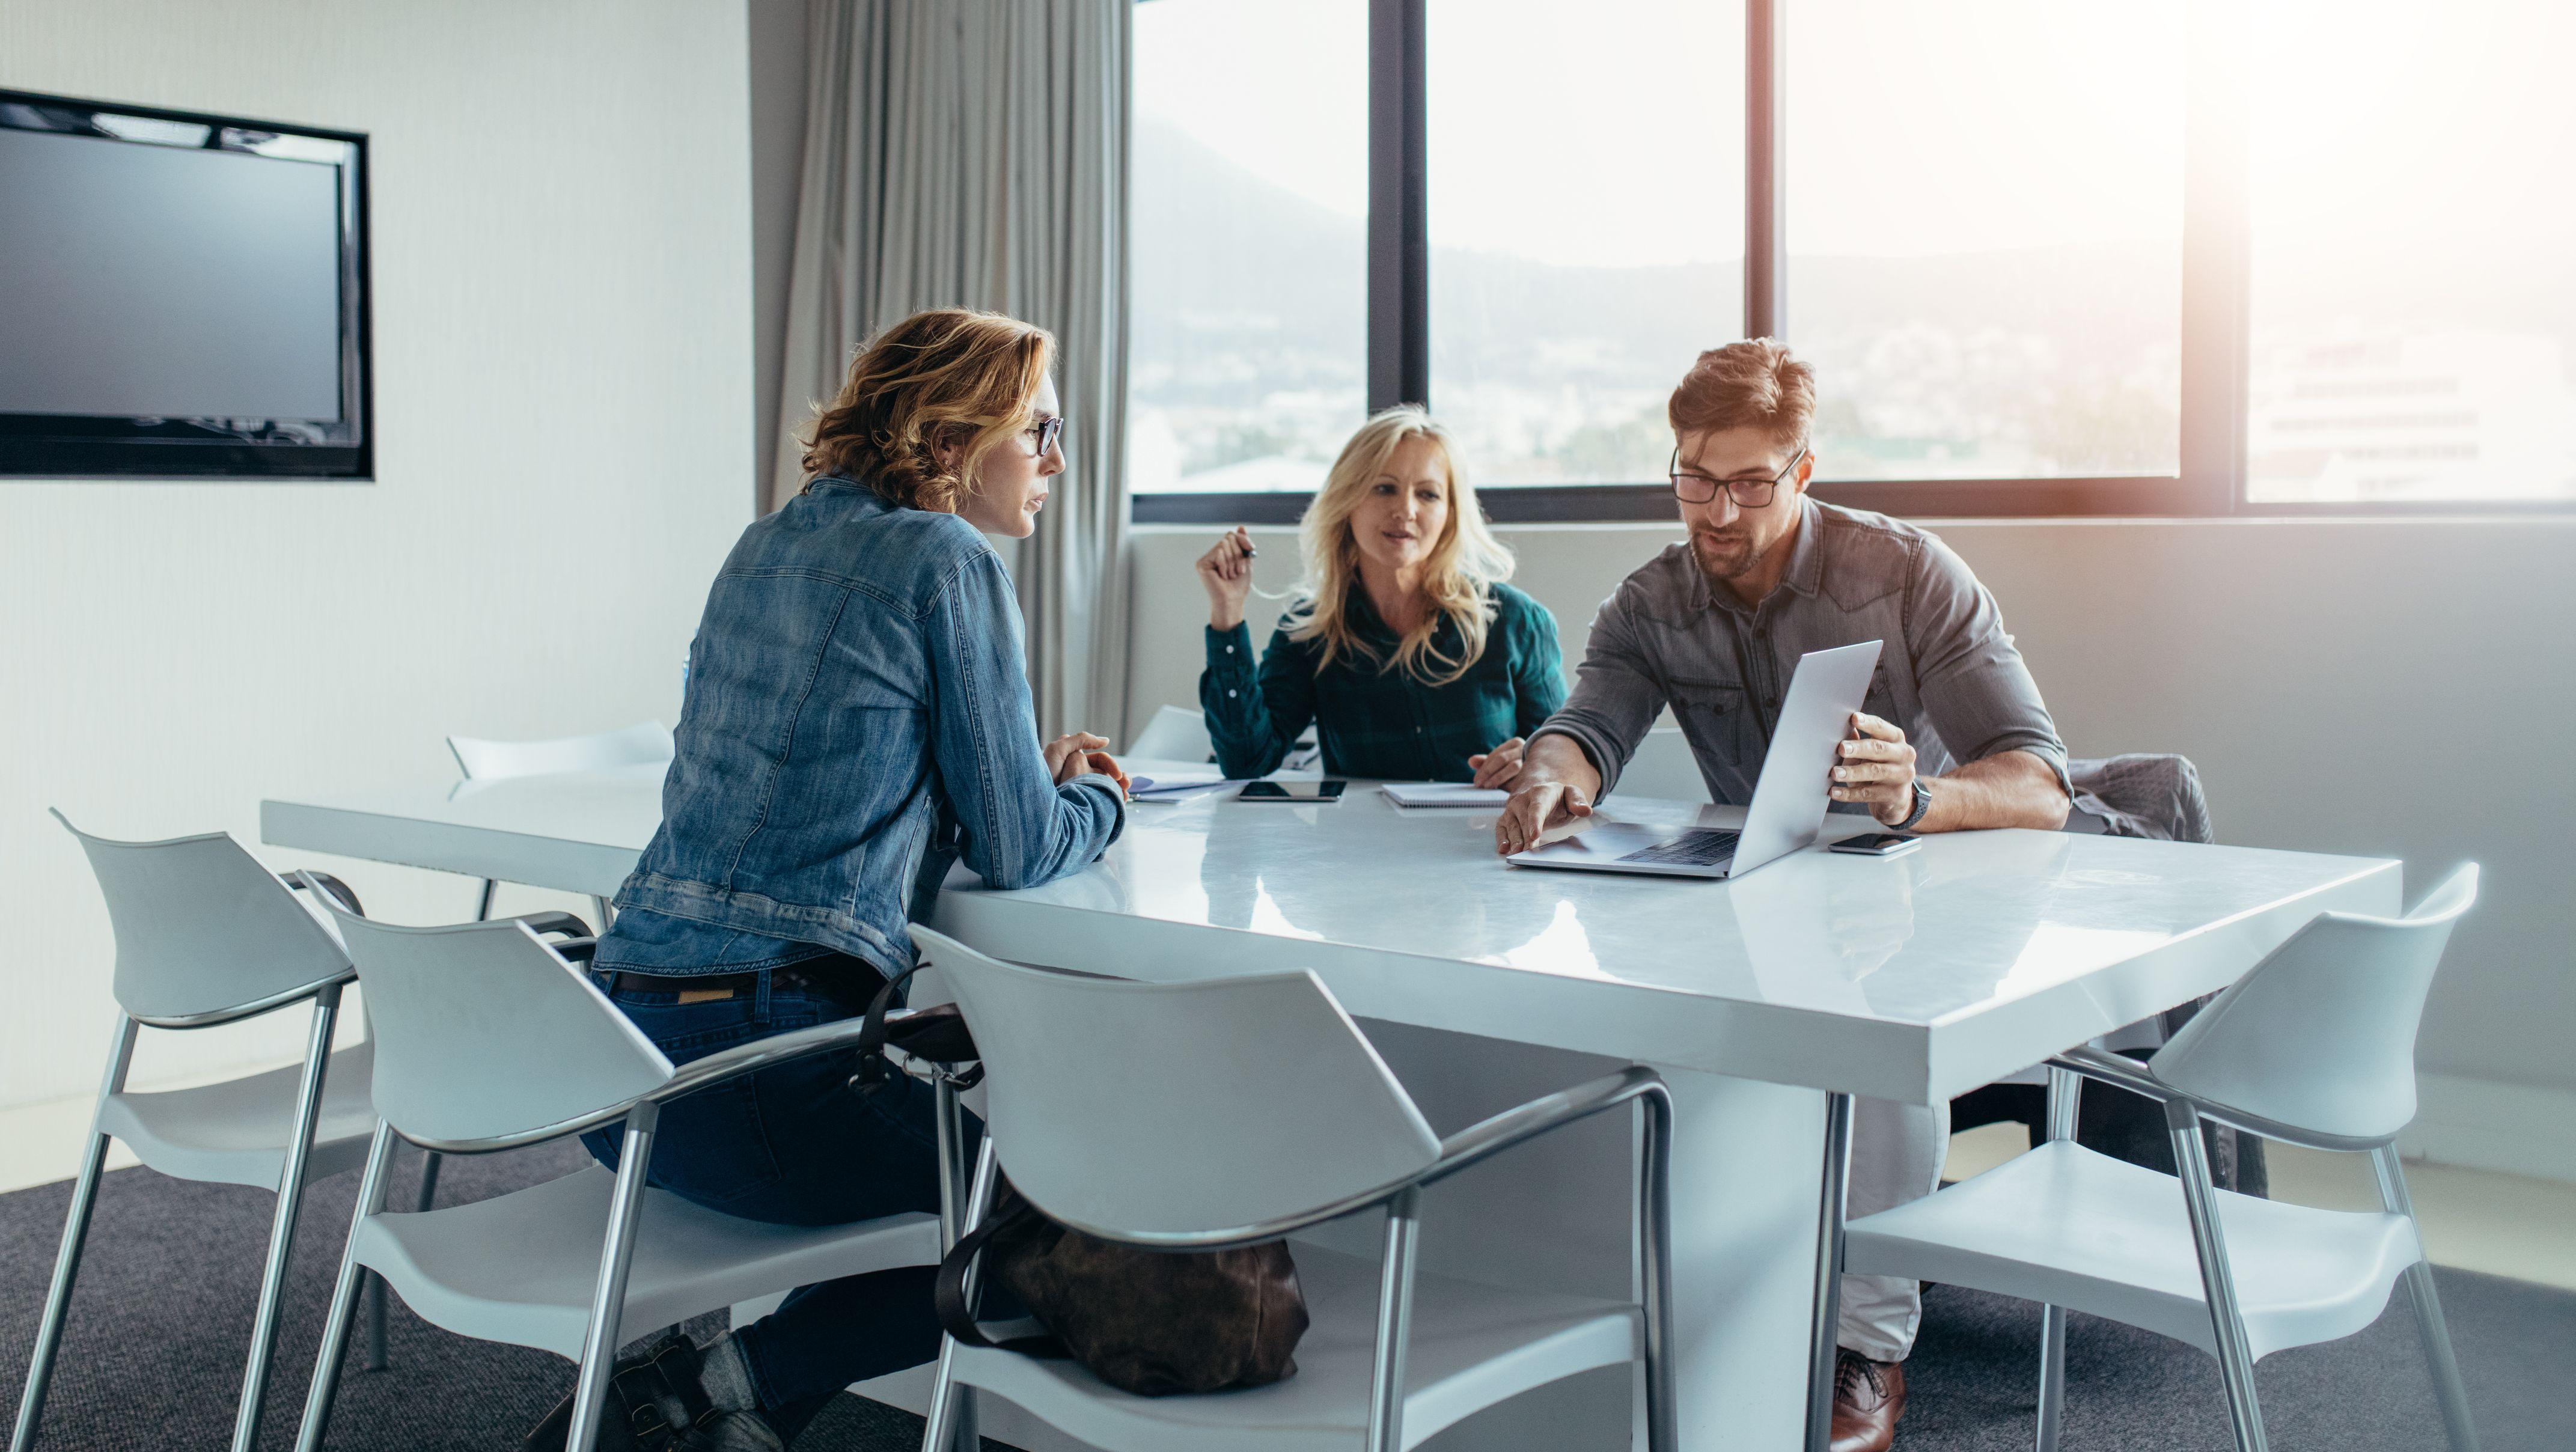 Przedsiębiorco! Skorzystaj z bezpłatnych porad ekspertów Enterprise Europe Network